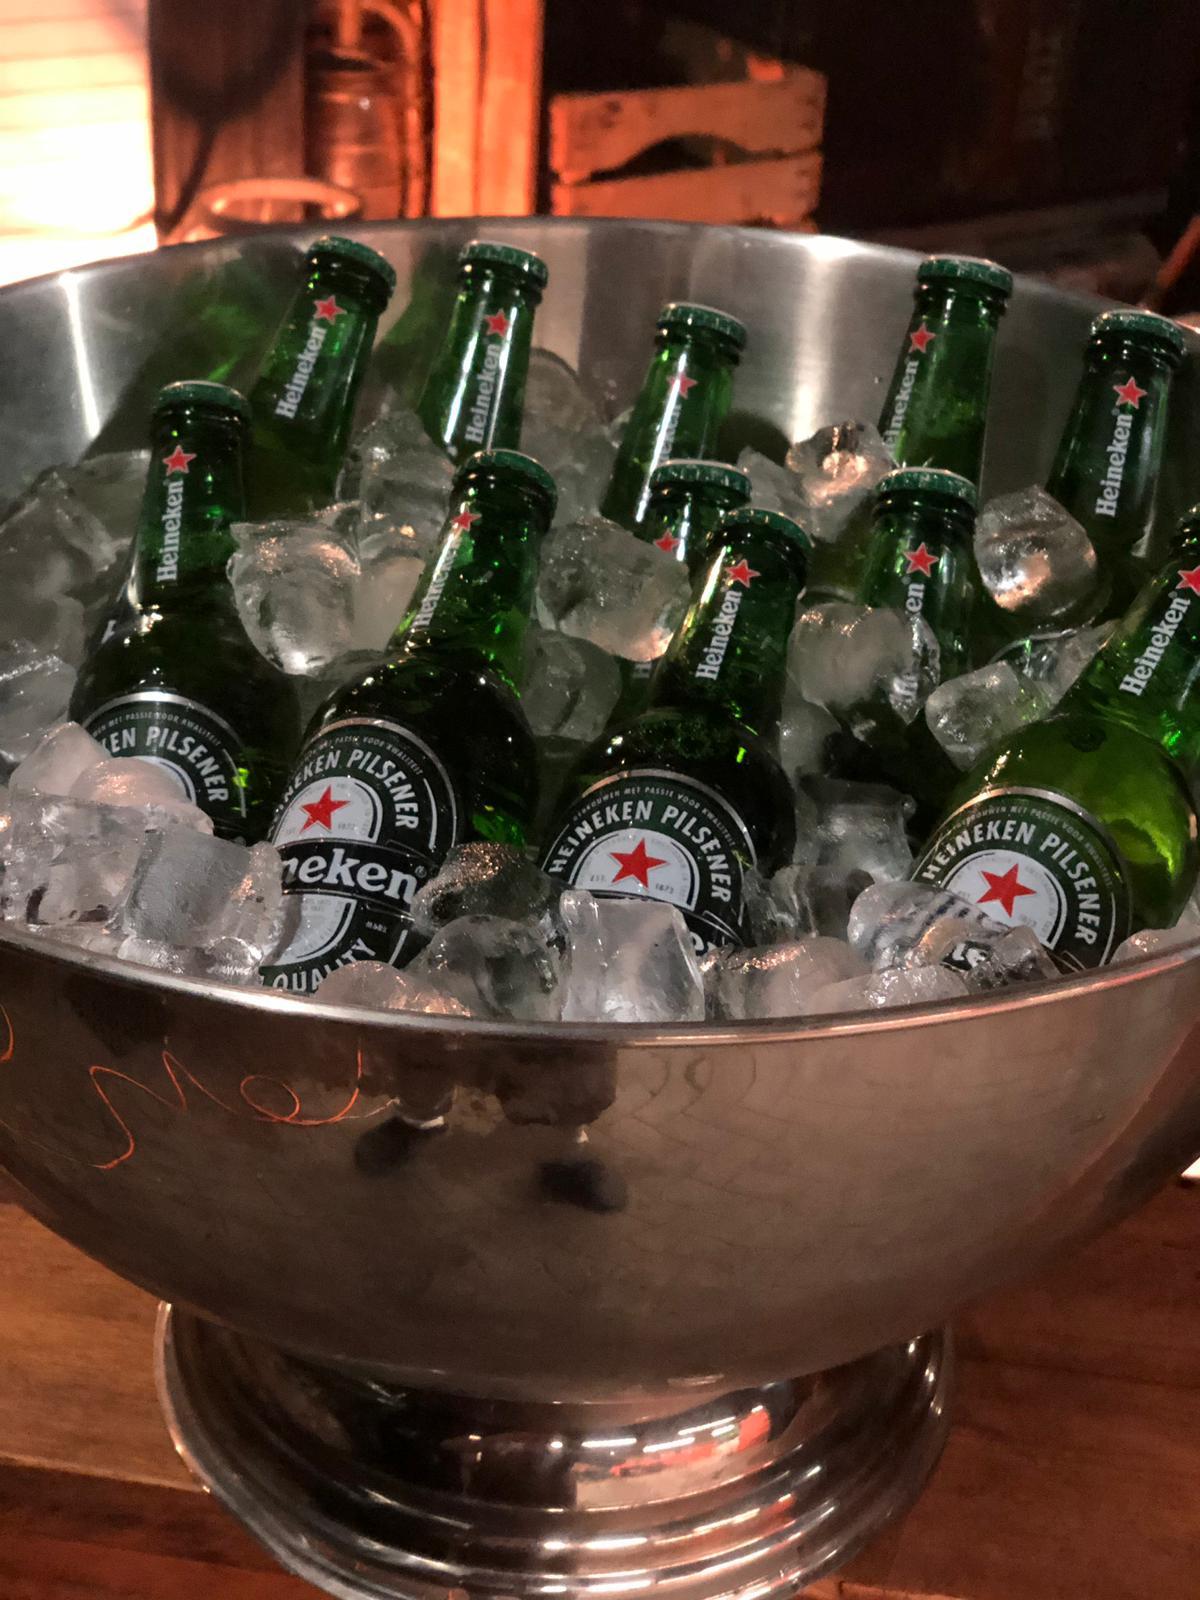 Heineken Star Bottle in Ijzeren bowl